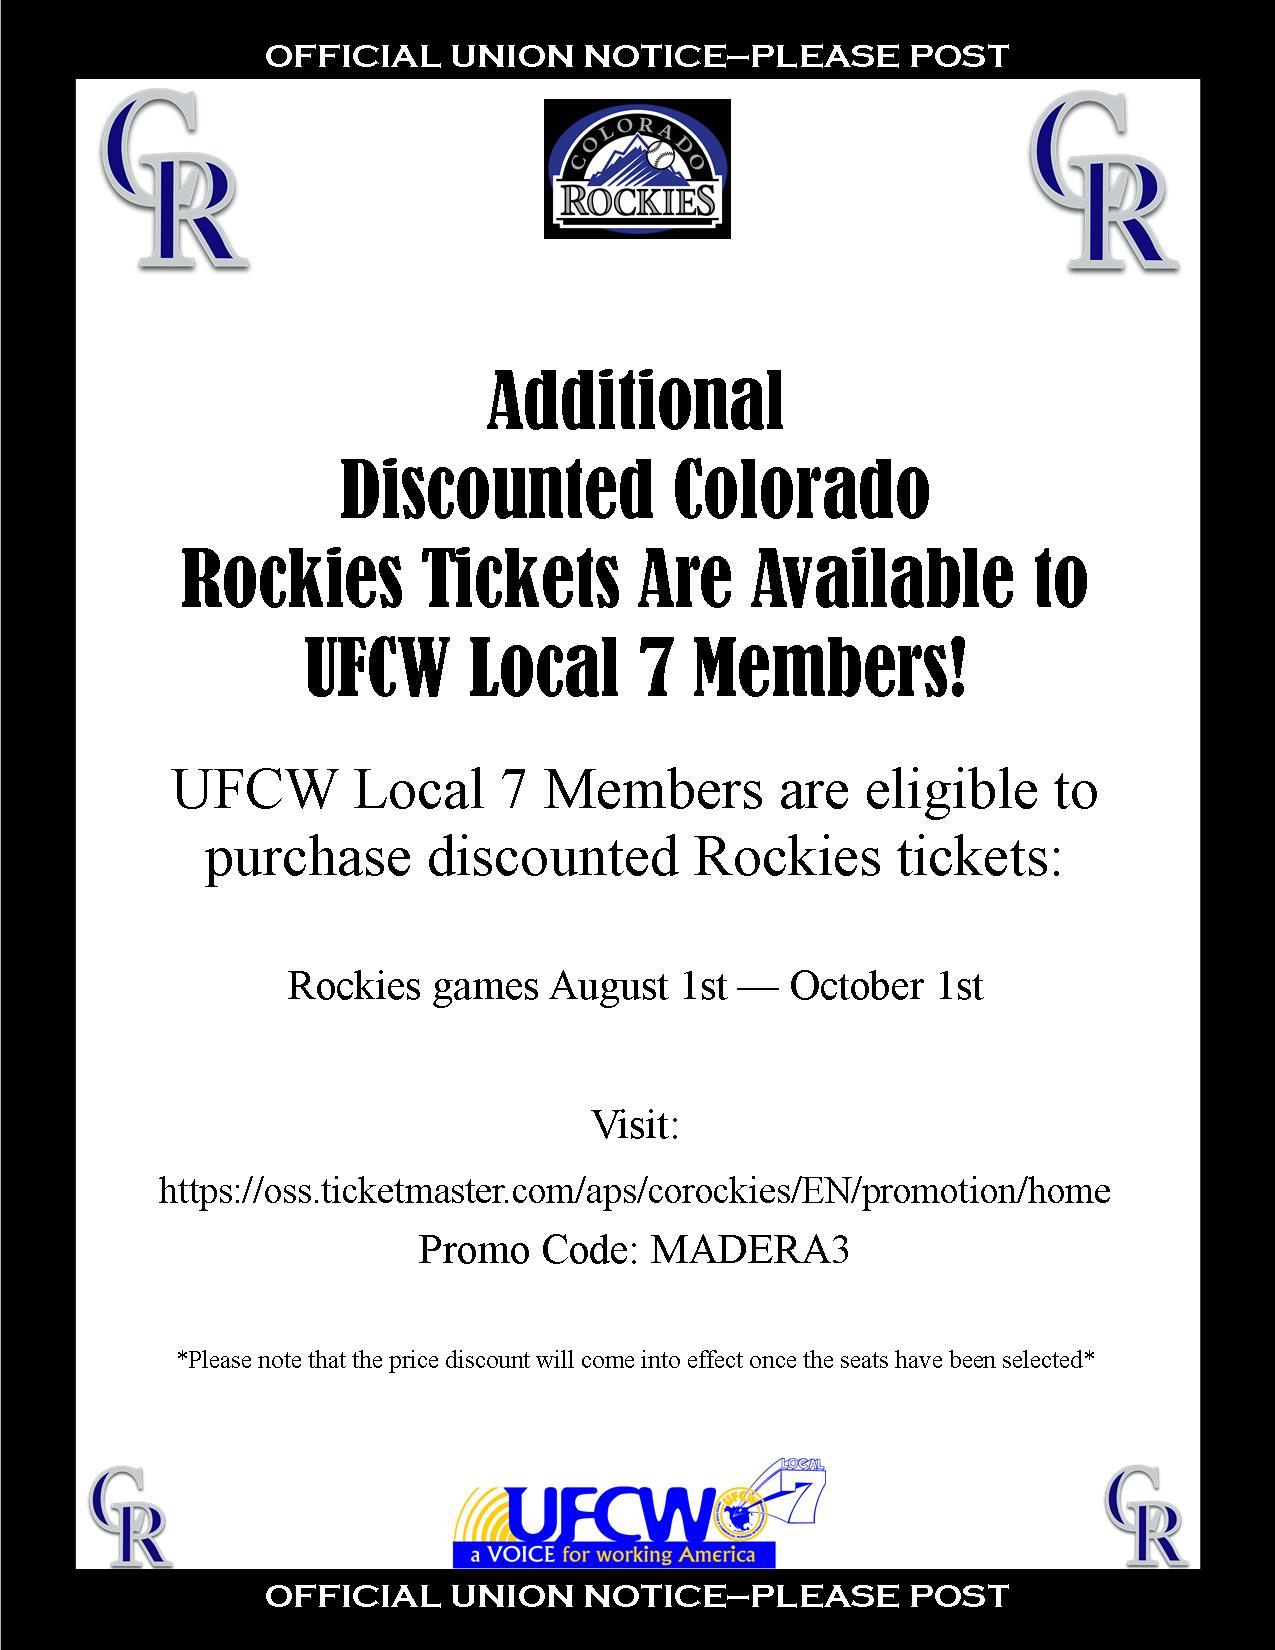 Discount Colorado Rockies Tickets!